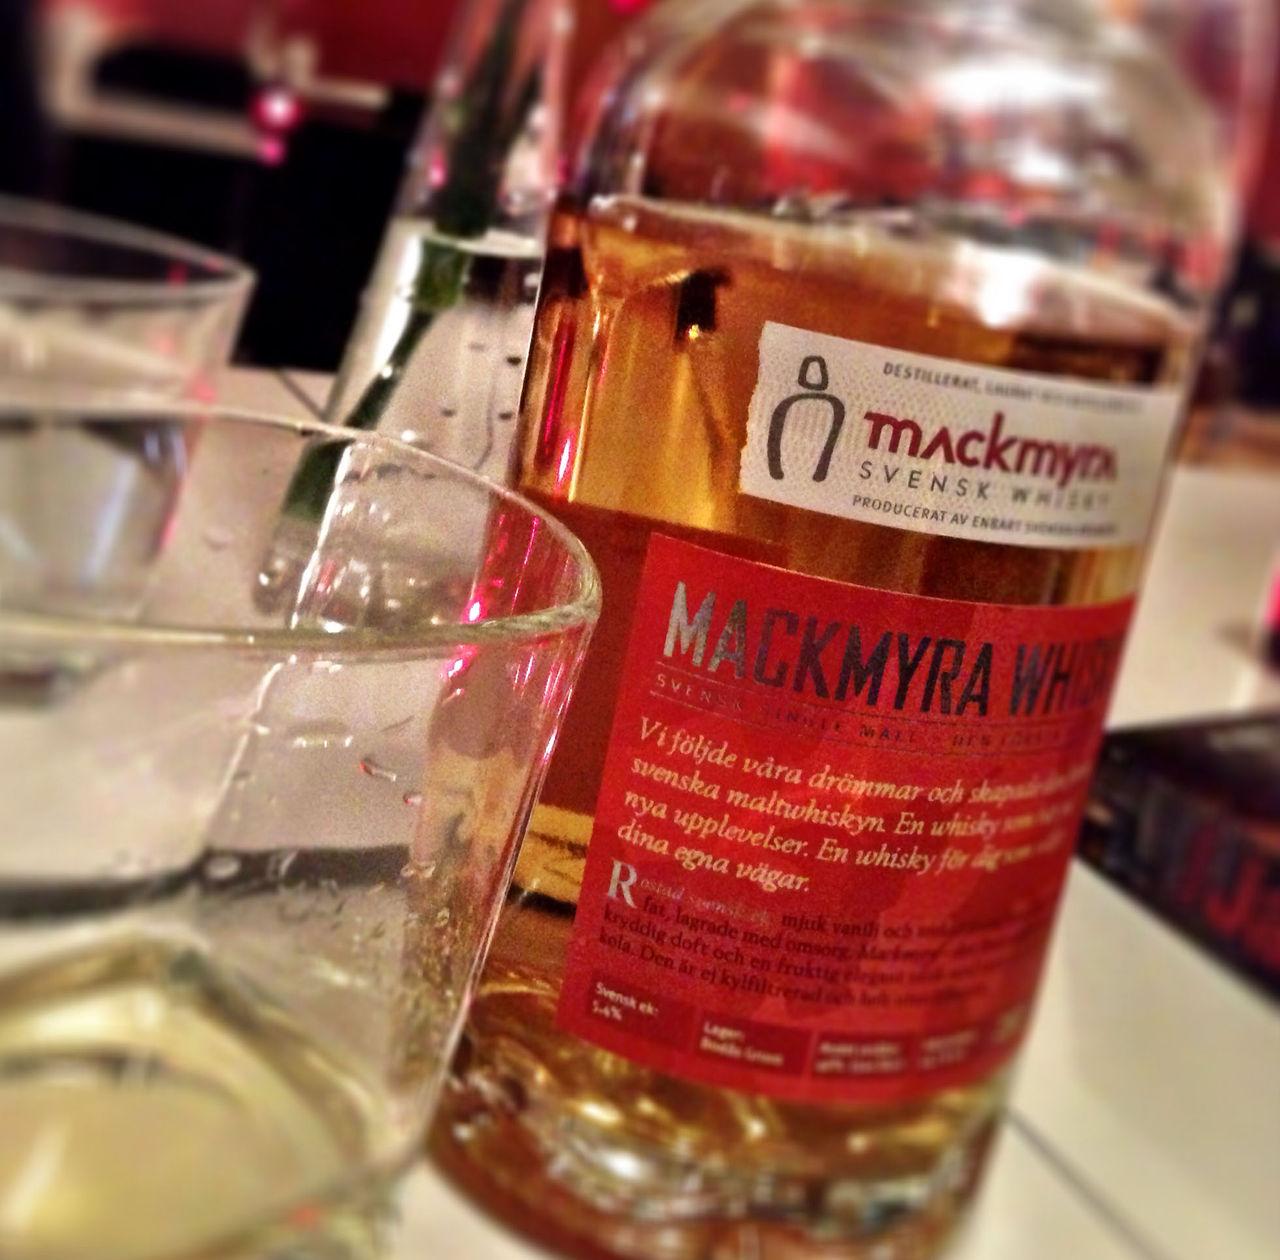 Mackmyras äldsta whisky släpptes idag